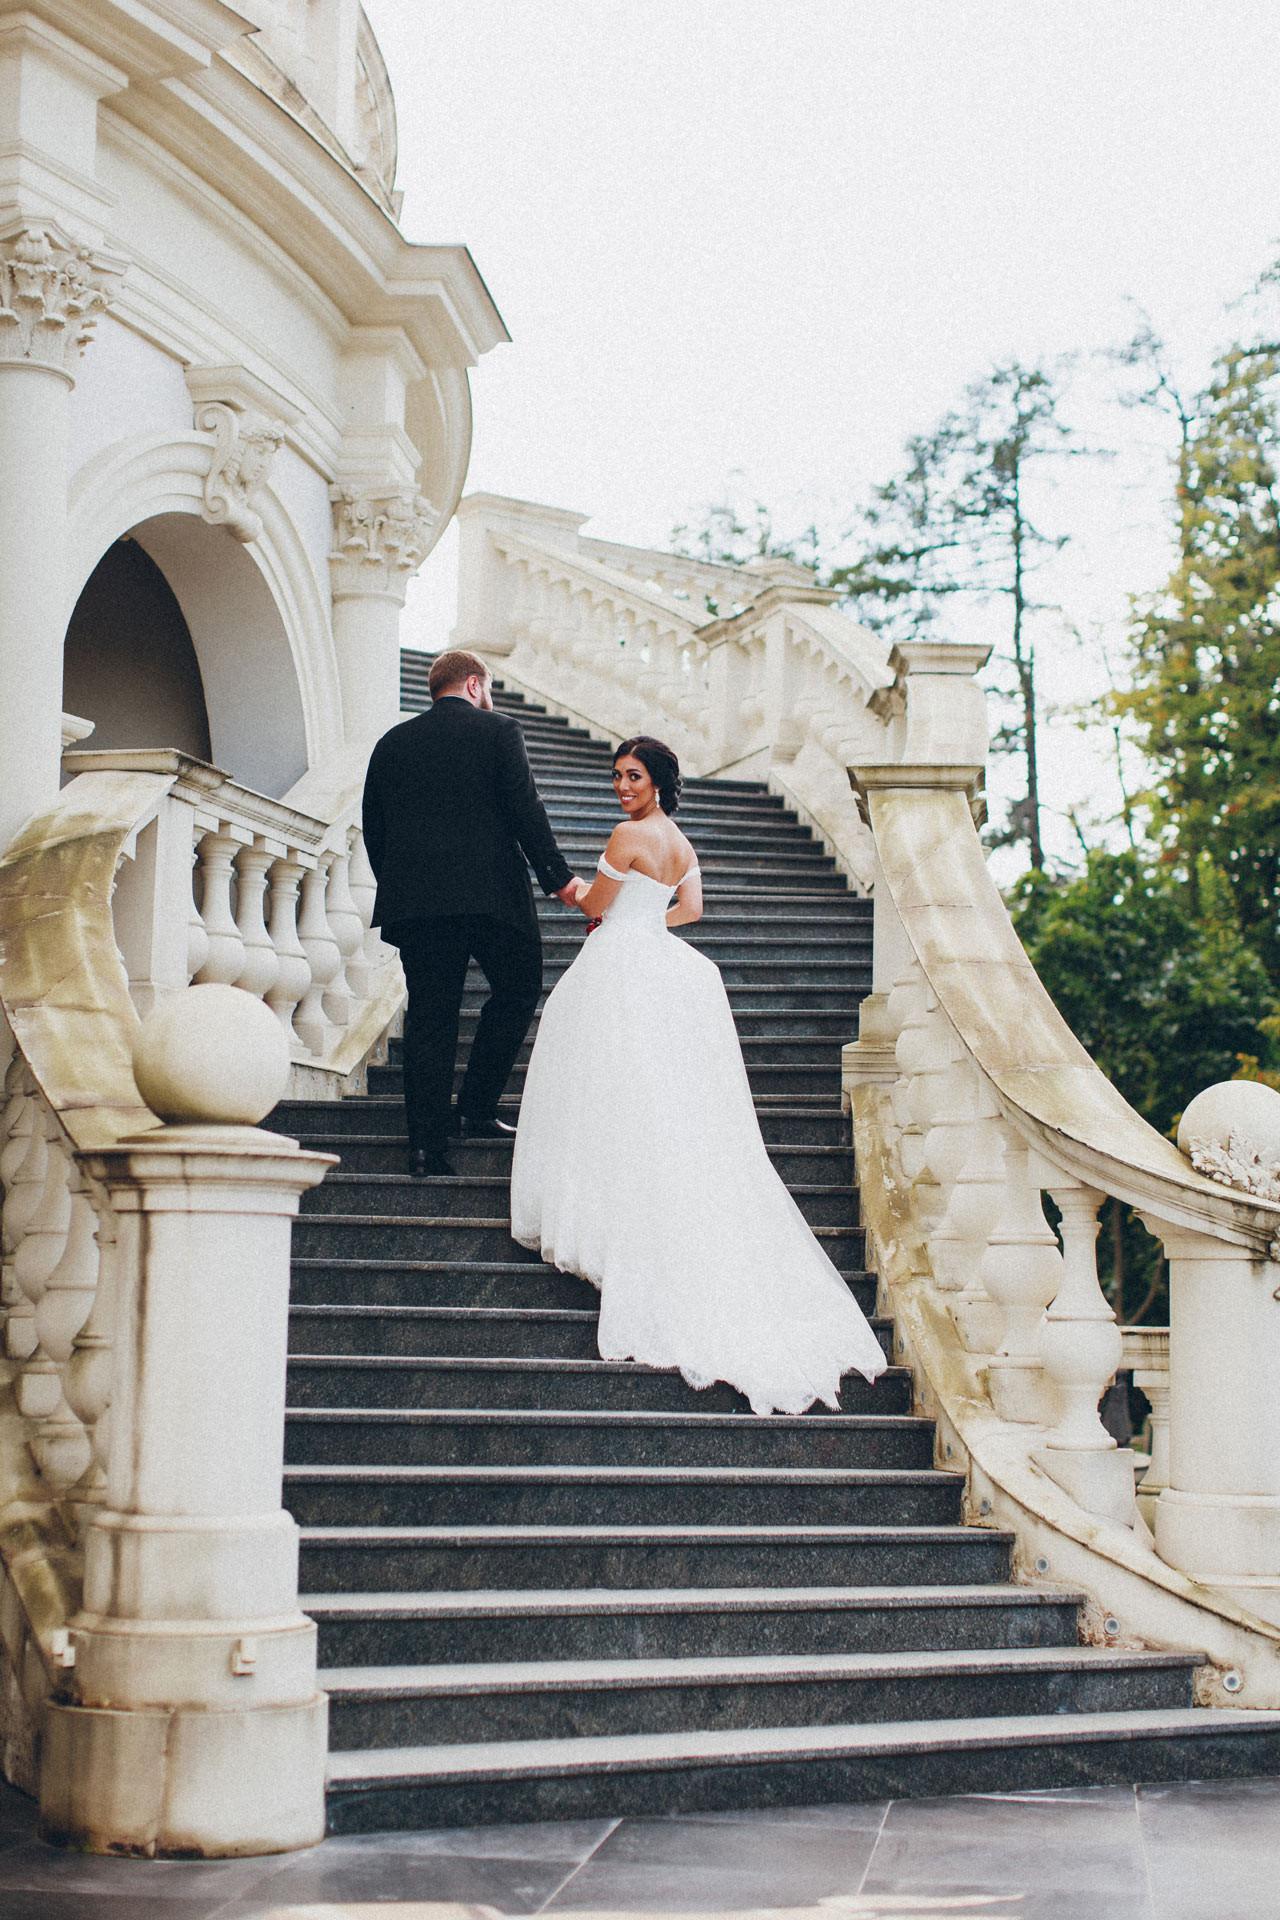 Свадьба & социальные сети: несколько важных правил